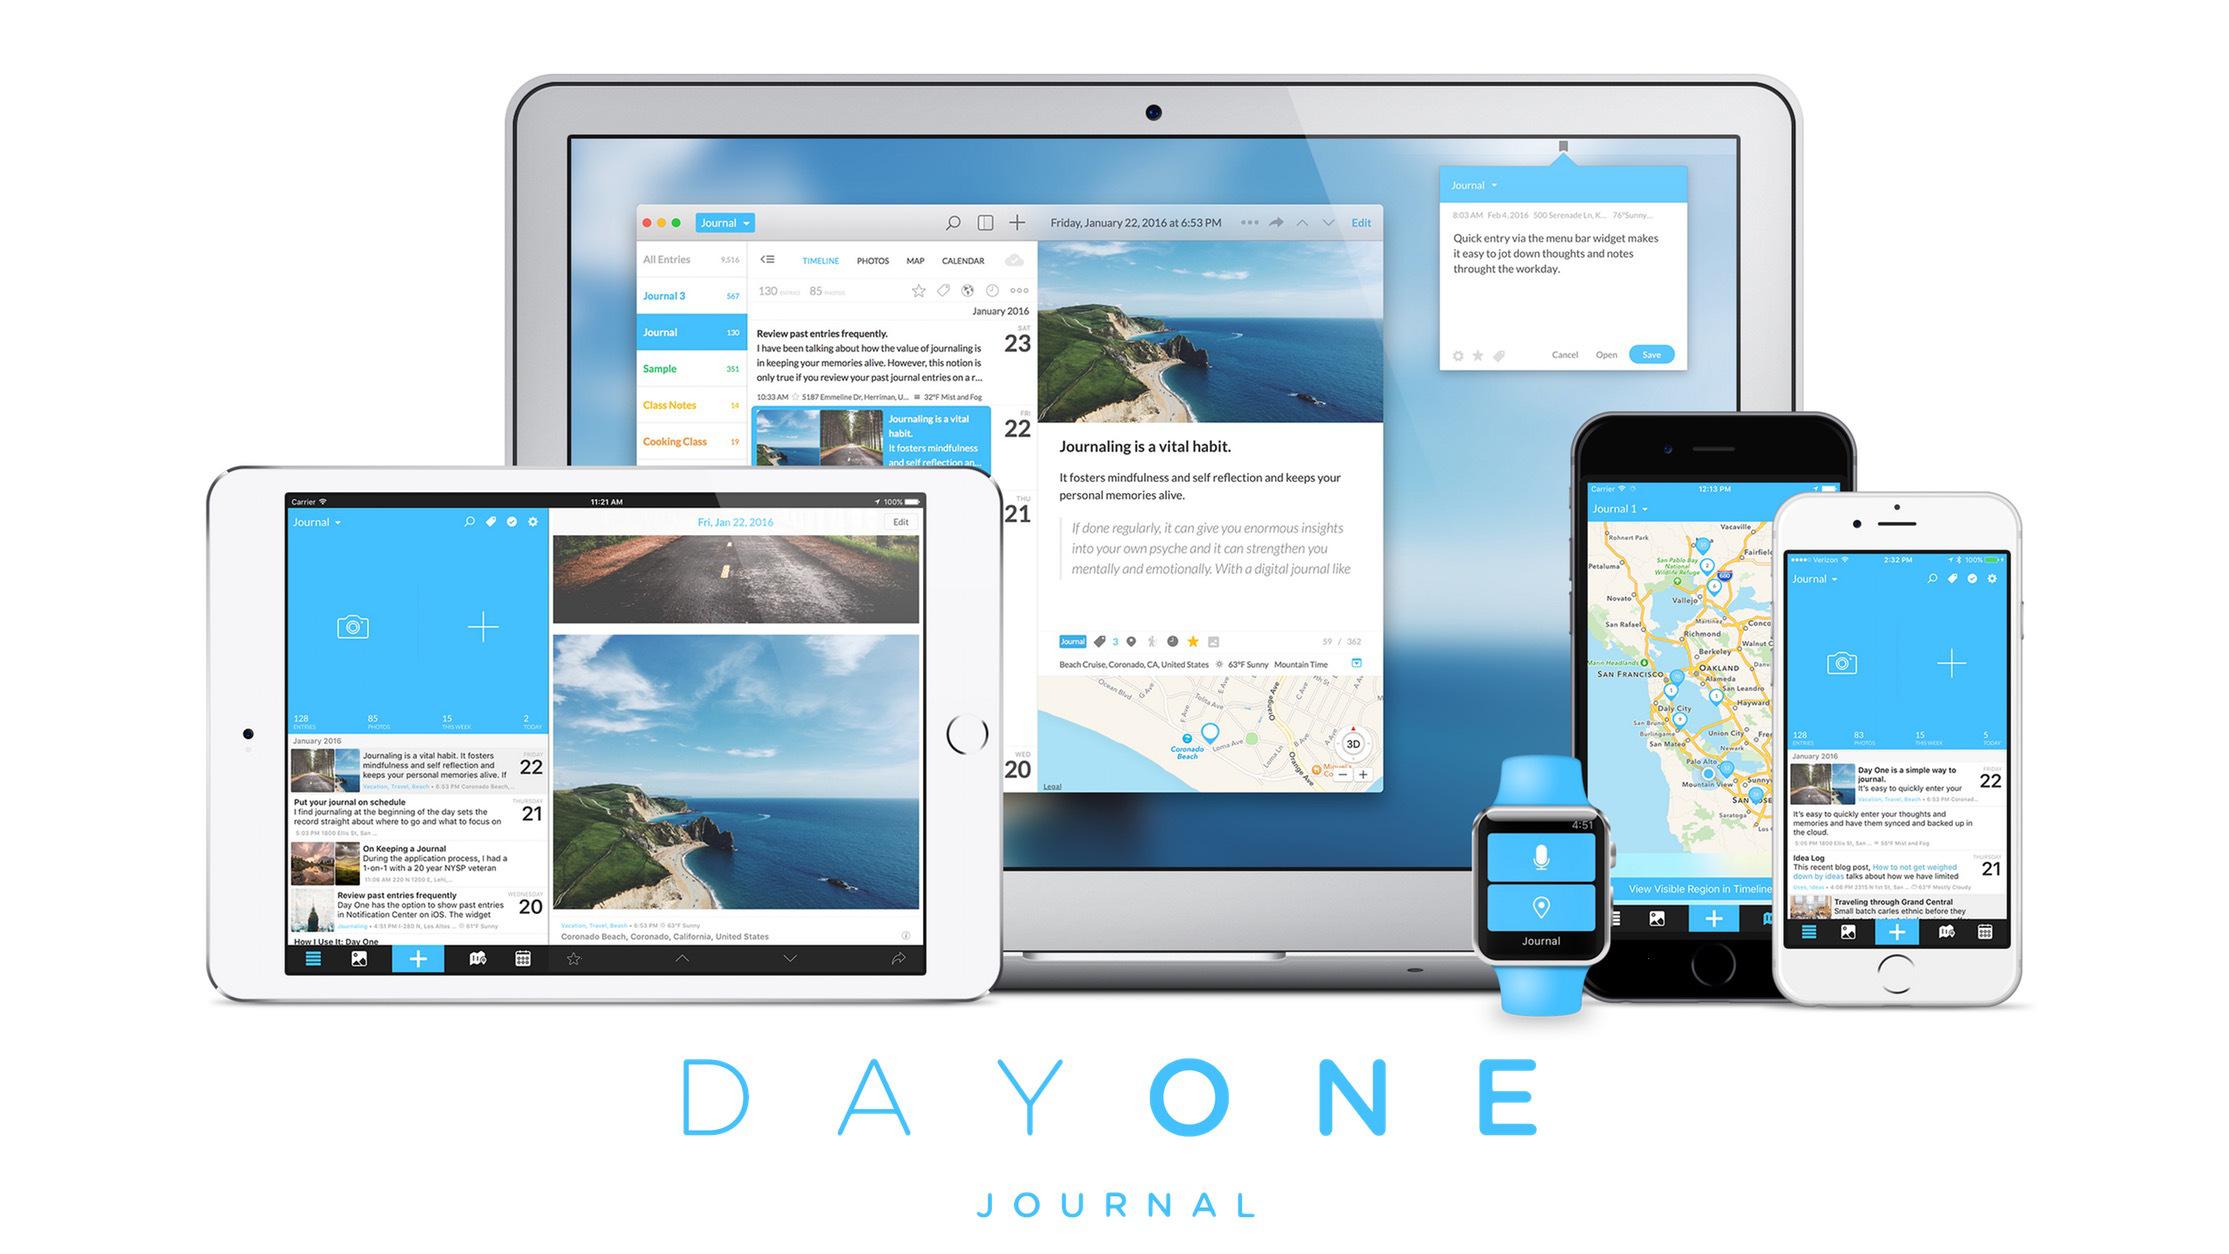 dayone_featuredimage1.jpg